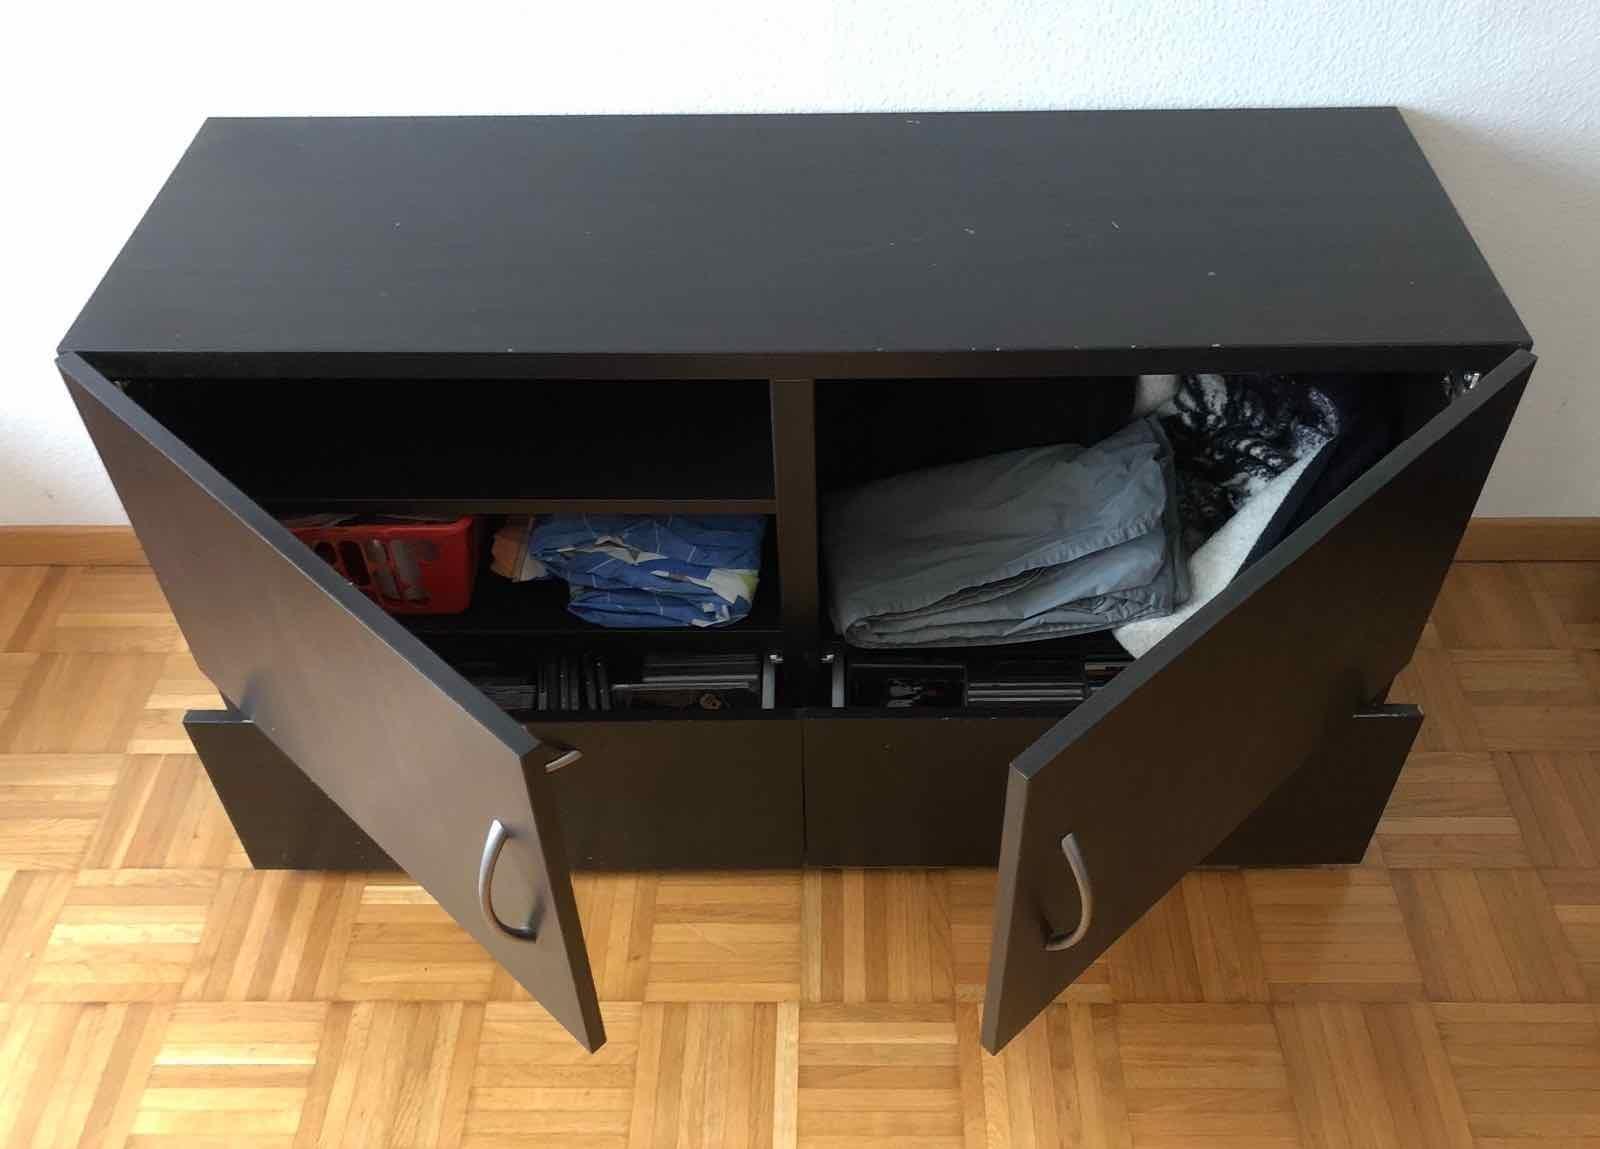 Full Size of Ikea Sideboard Mbel Gratis Zu Verschenken Betten Bei Eckbank Küche Garten Modulküche Kaufen Kosten 160x200 Sofa Mit Schlaffunktion Miniküche Wohnzimmer Eckbank Ikea